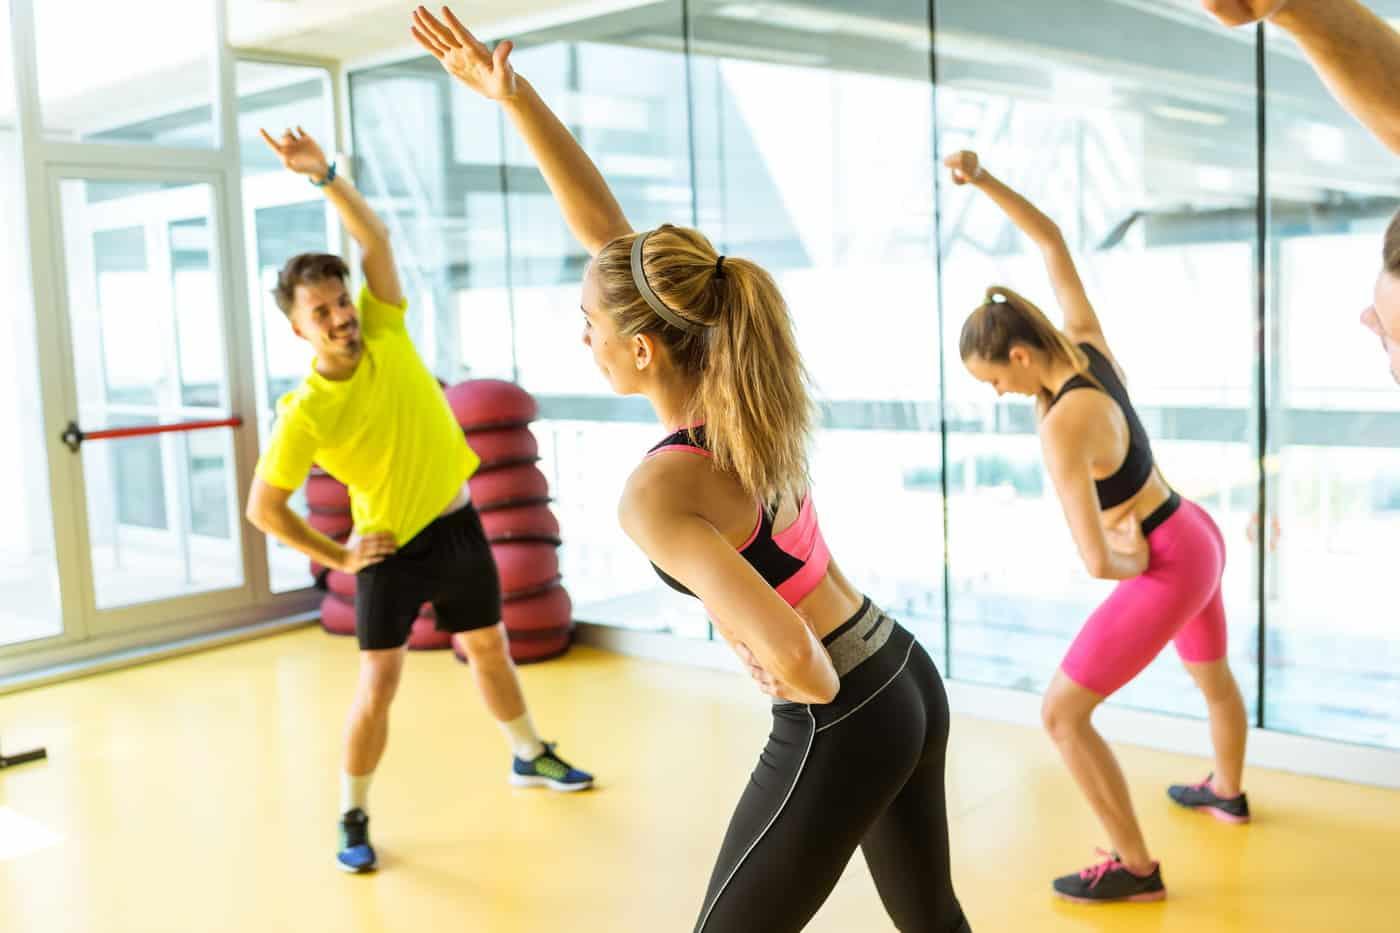 l'attività fisica è utile in quanto migliora il metabolismo sollecitando il consumo di ossigeno